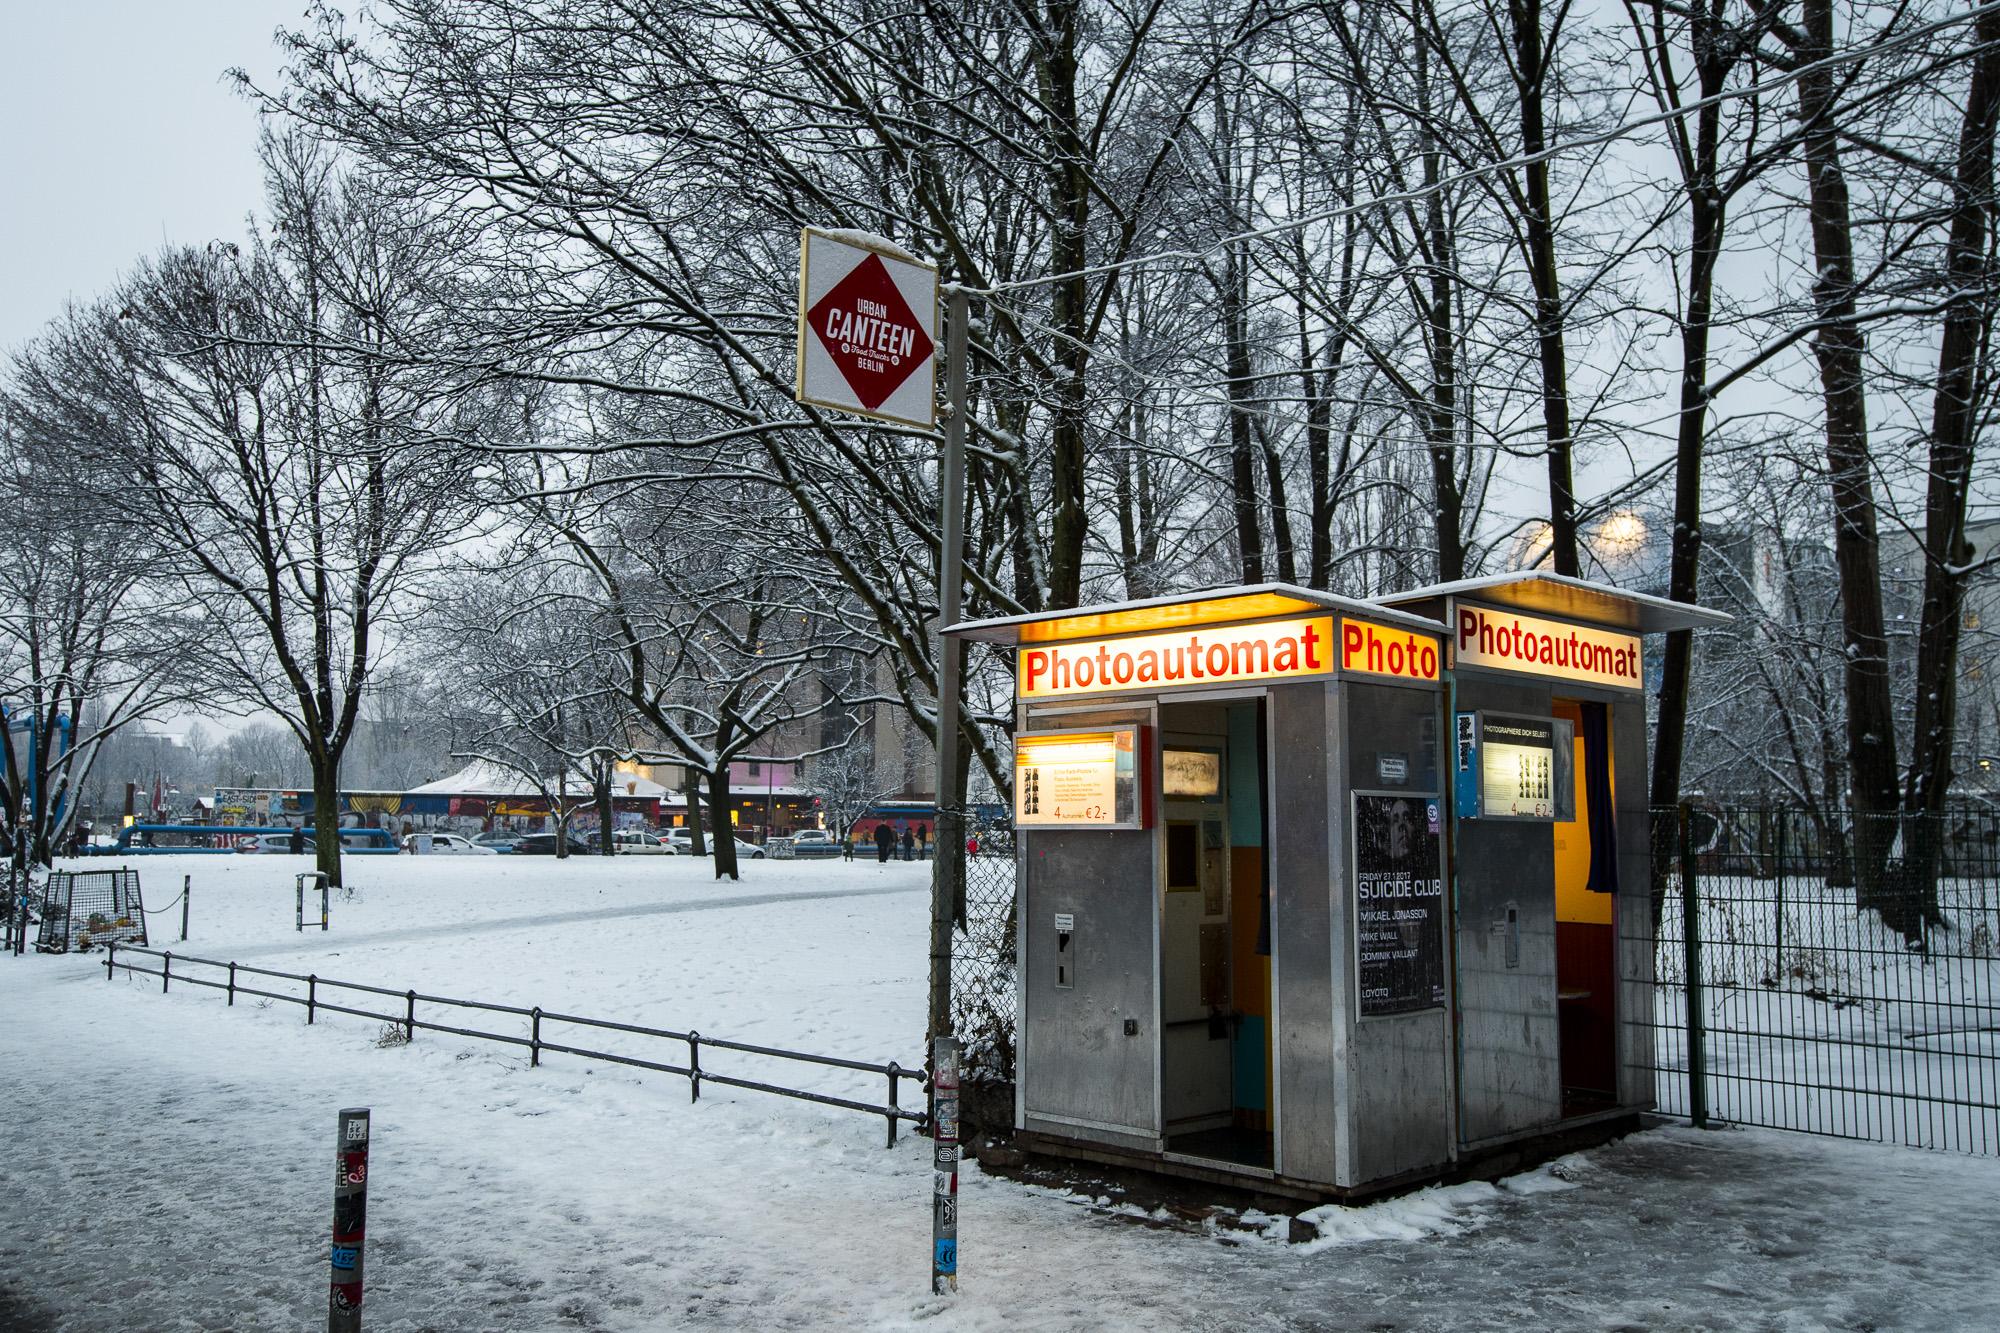 Warschauer Straßer 47  PHOTOGRAPHY: ALEXANDER J.E. BRADLEY • NIKON D500 • AF-S NIKKOR 14-24MM F/2.8G ED @ 20MM • F/4 • 1/60 • ISO 400